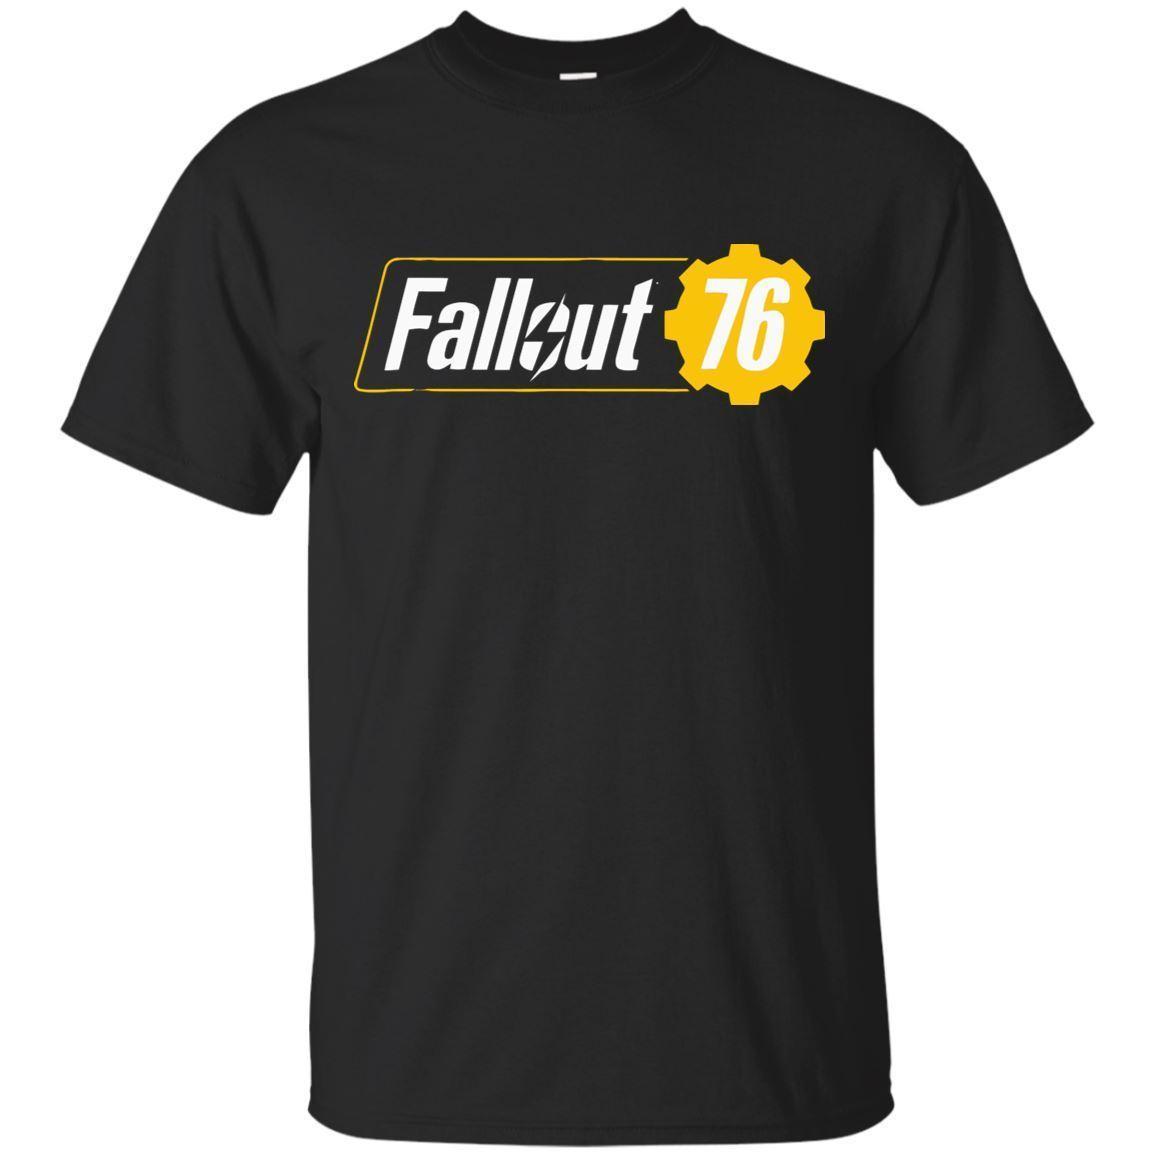 4ae0e5e2bd4 Fall Out 76 Graphic Logo T Shirt For Men Women Black T Shirt Size S 5XL Men  Women Unisex Fashion Tshirt Funny T Shirts For Women Funny Shirt From ...